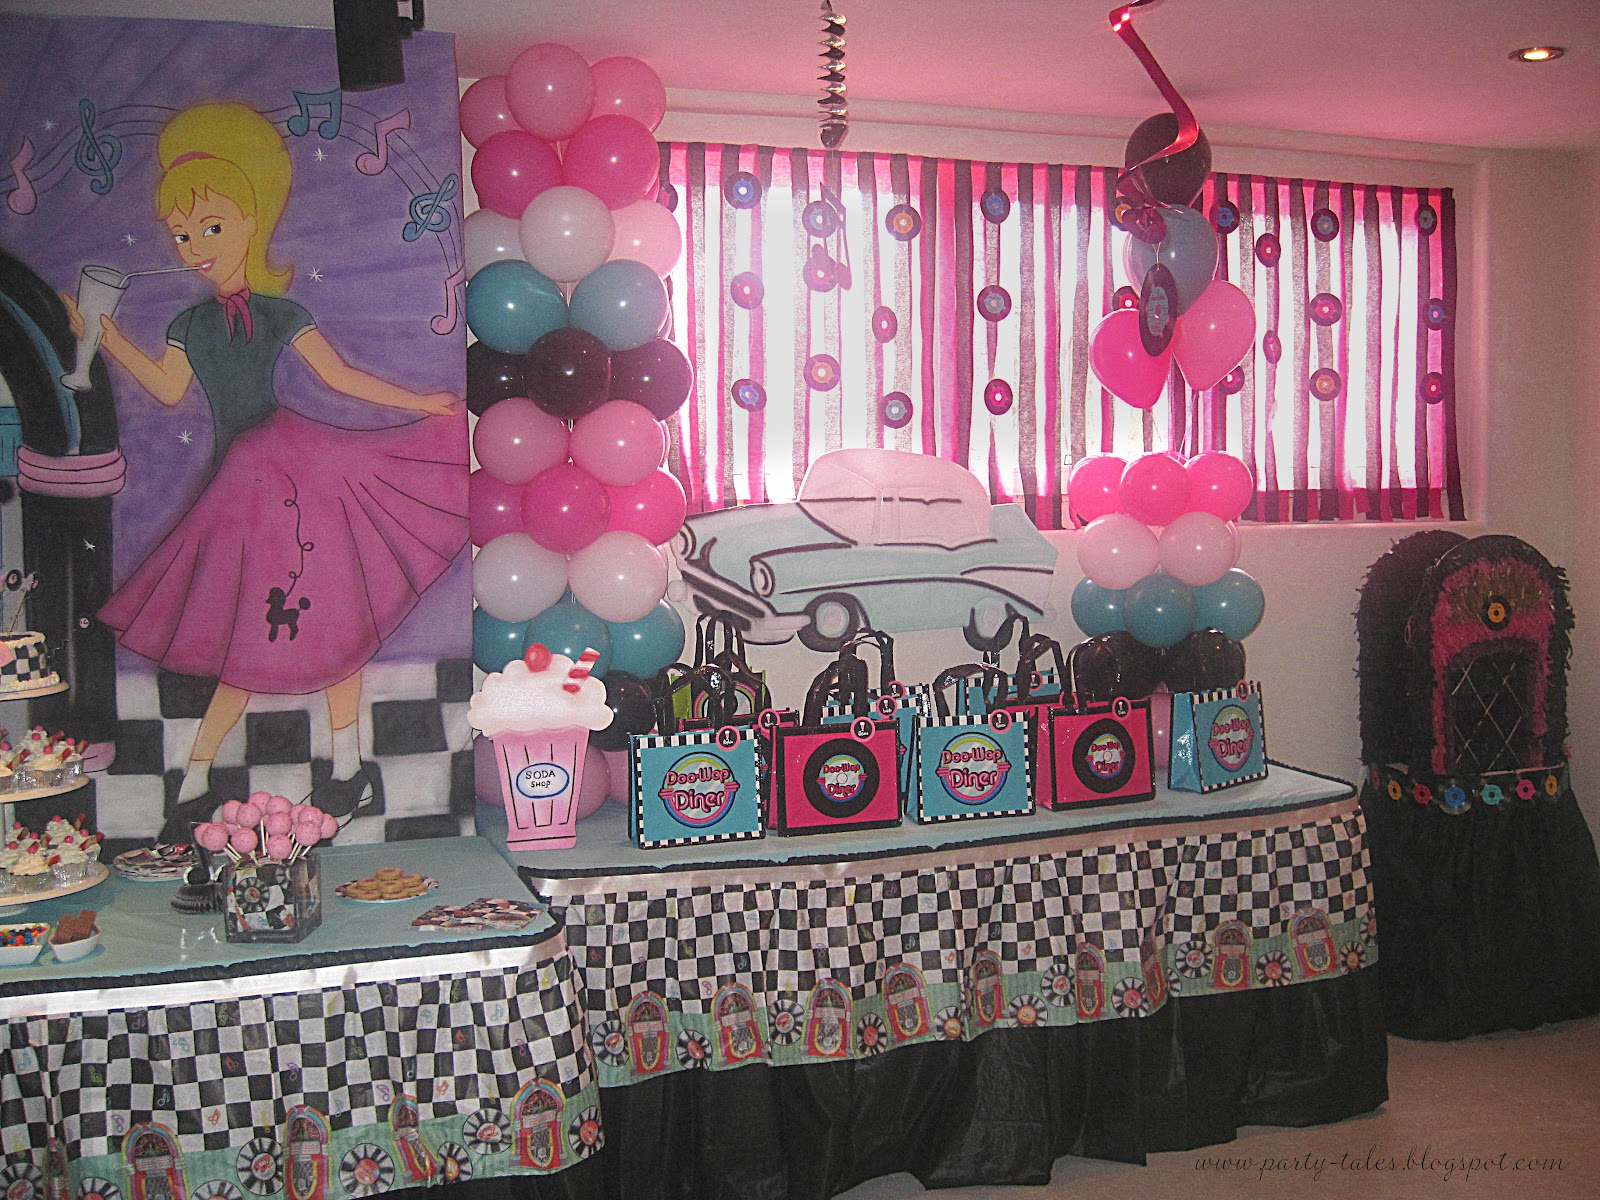 50's Diner Sock Hop Party